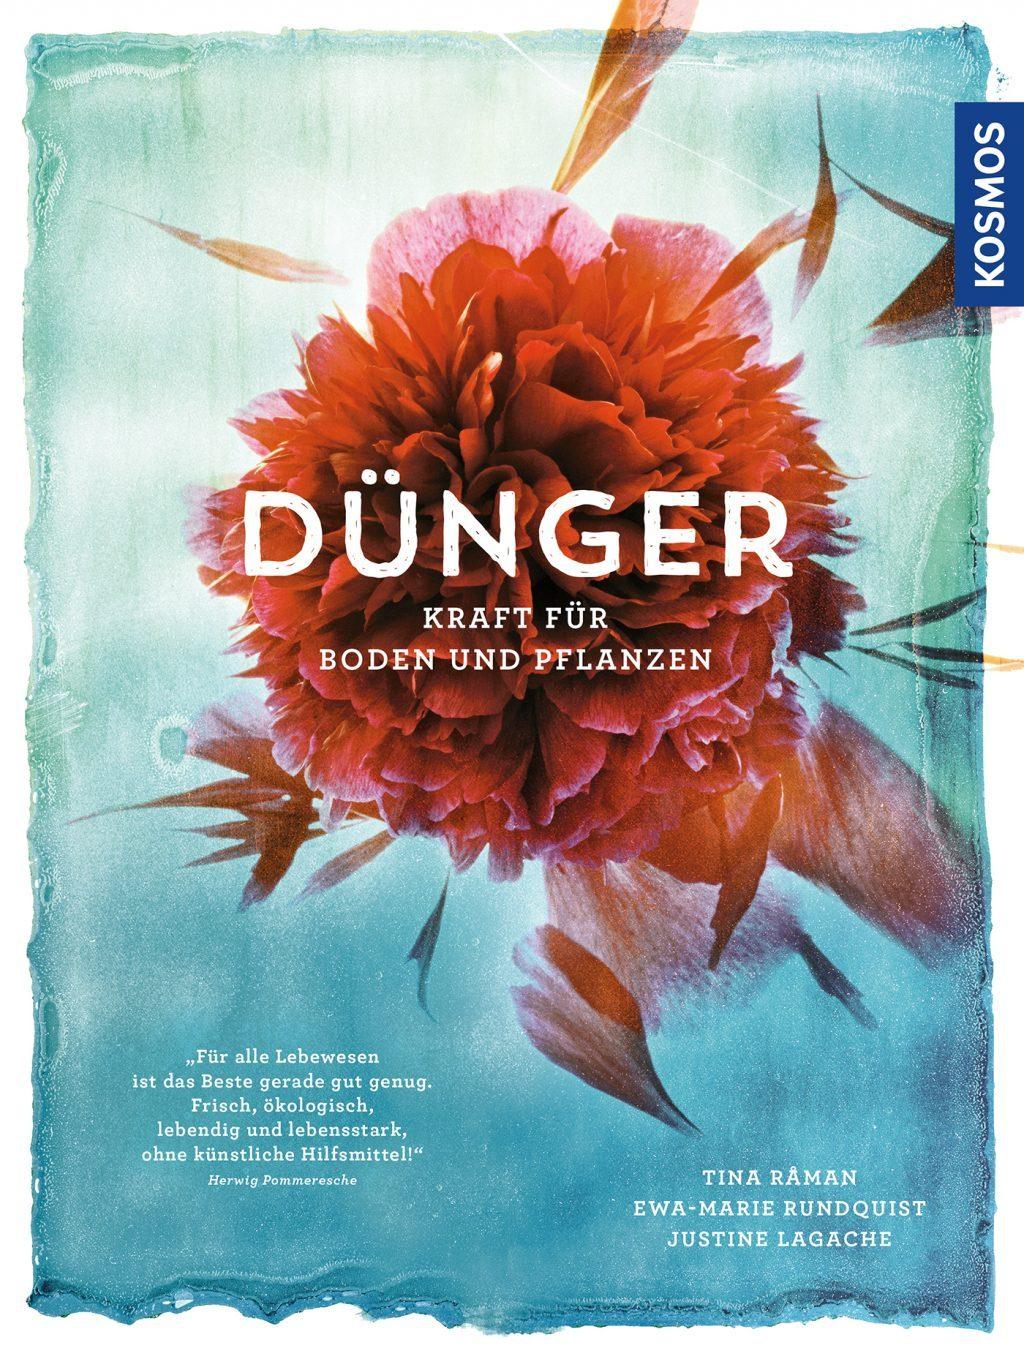 Die Rezension von wohnbuchbüro über das Buch»Dünger« aus dem Kosmos Verlag, 2017, von Tina Råman, Ewa-Marie Rundquist und Justine Lagache.